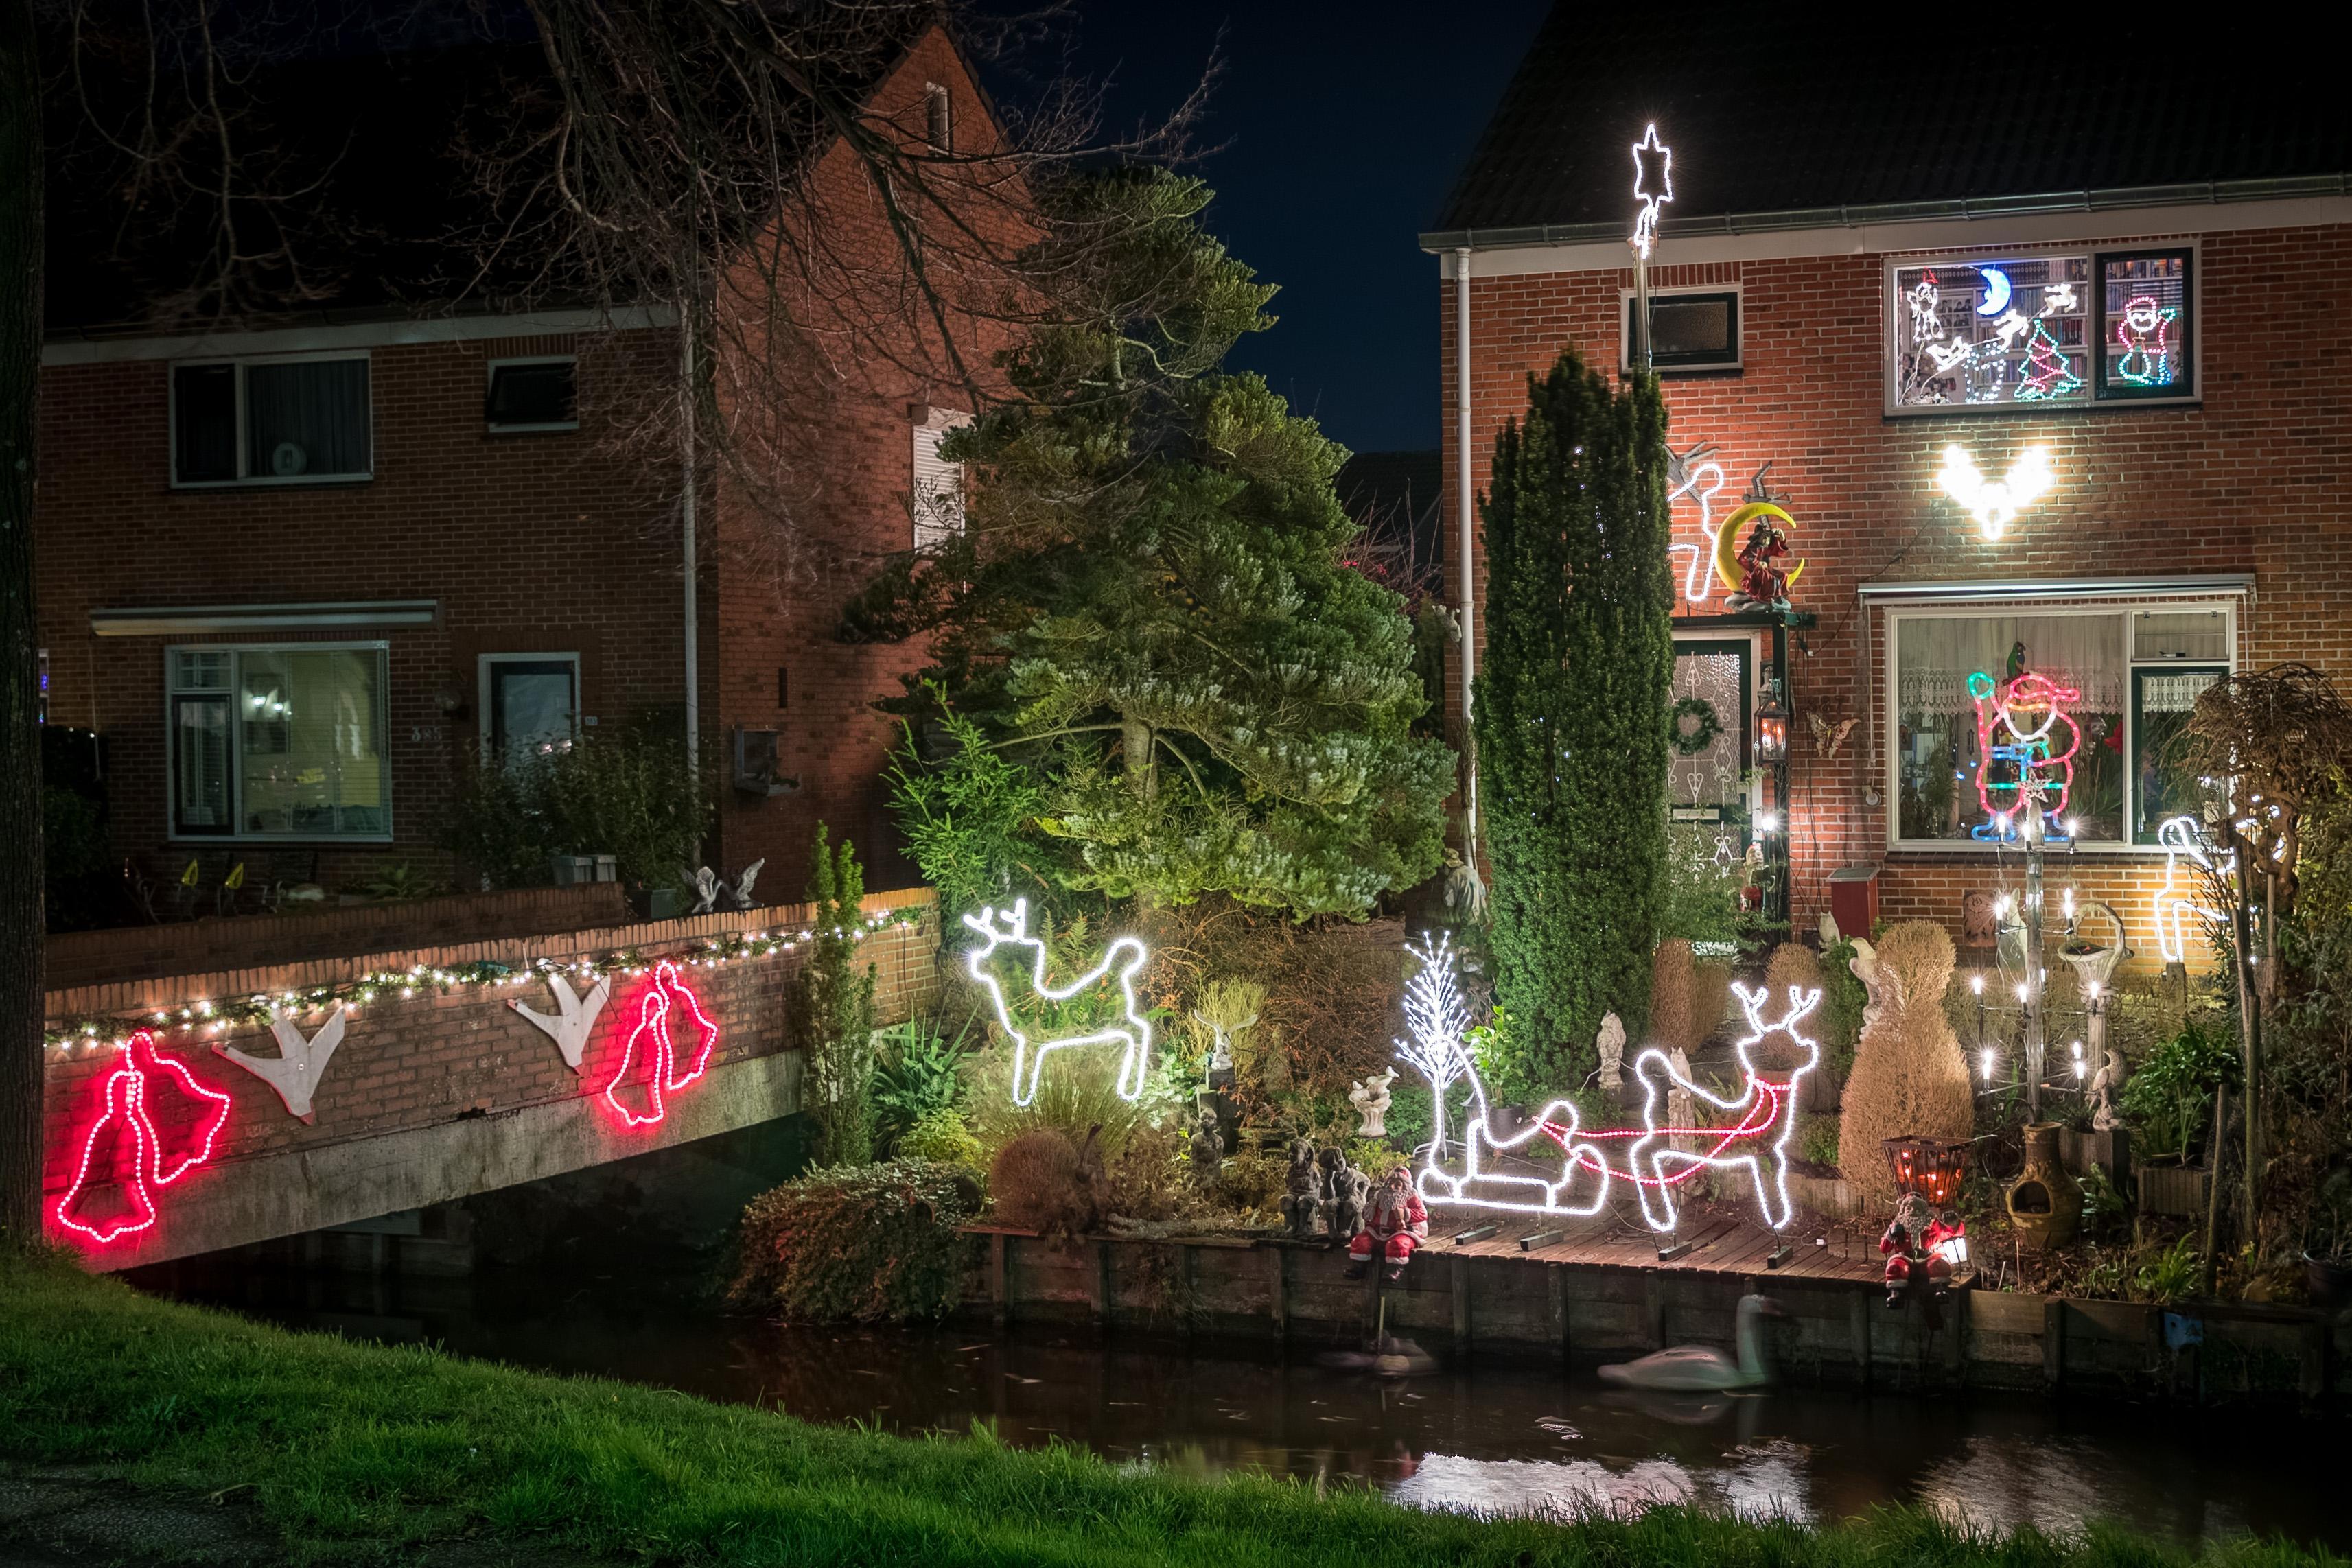 Uitbundige kerstverlichting siert huizen in West-Friesland: 'De hele avond staan ze hier te kijken'